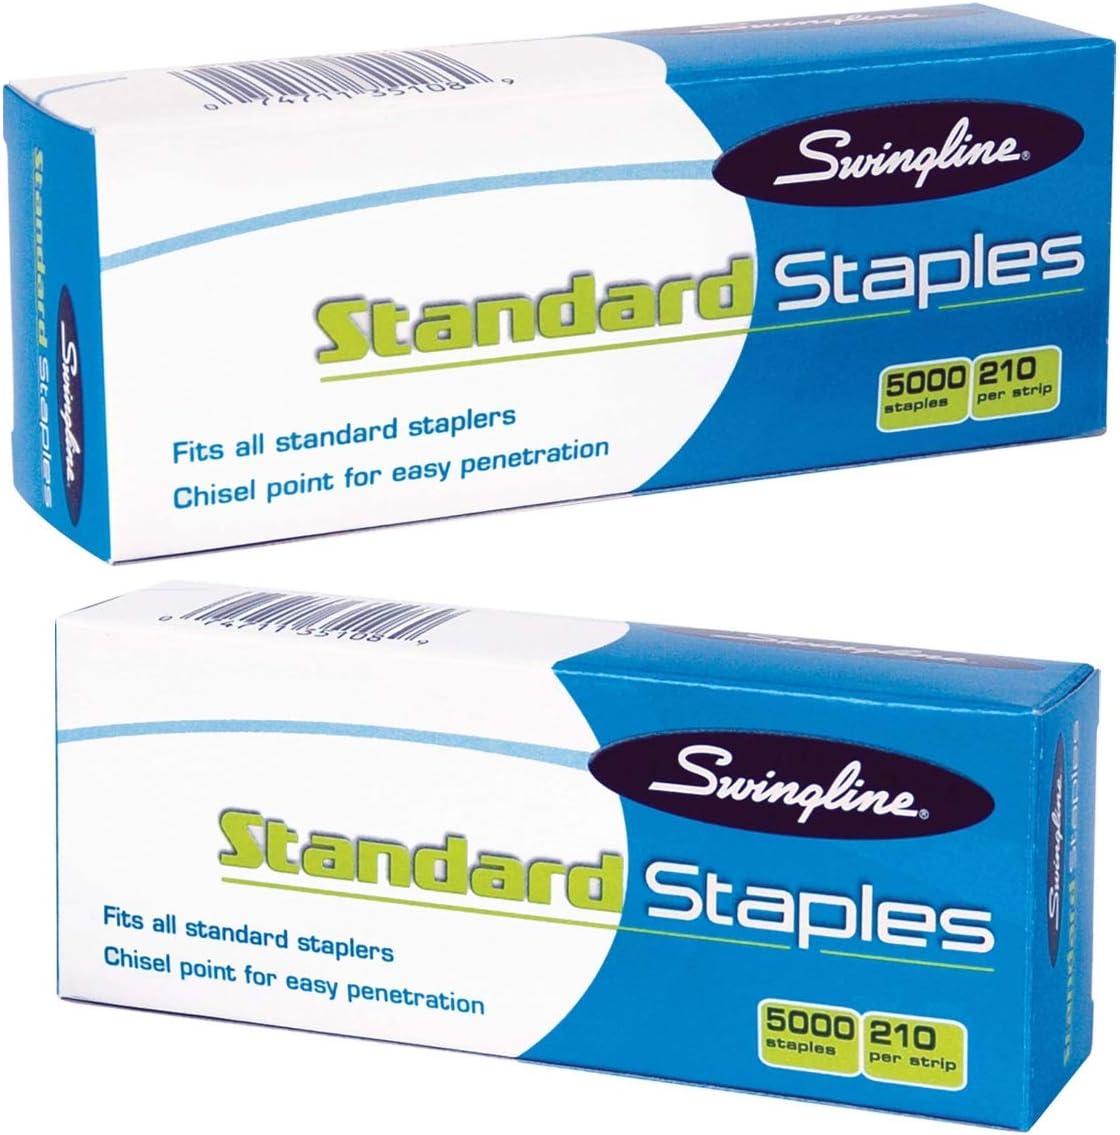 Swingline S.F. 1 Standard Economy Chisel Point 210 Full Strip Staples - 5,000 per Box (Pack of 2)